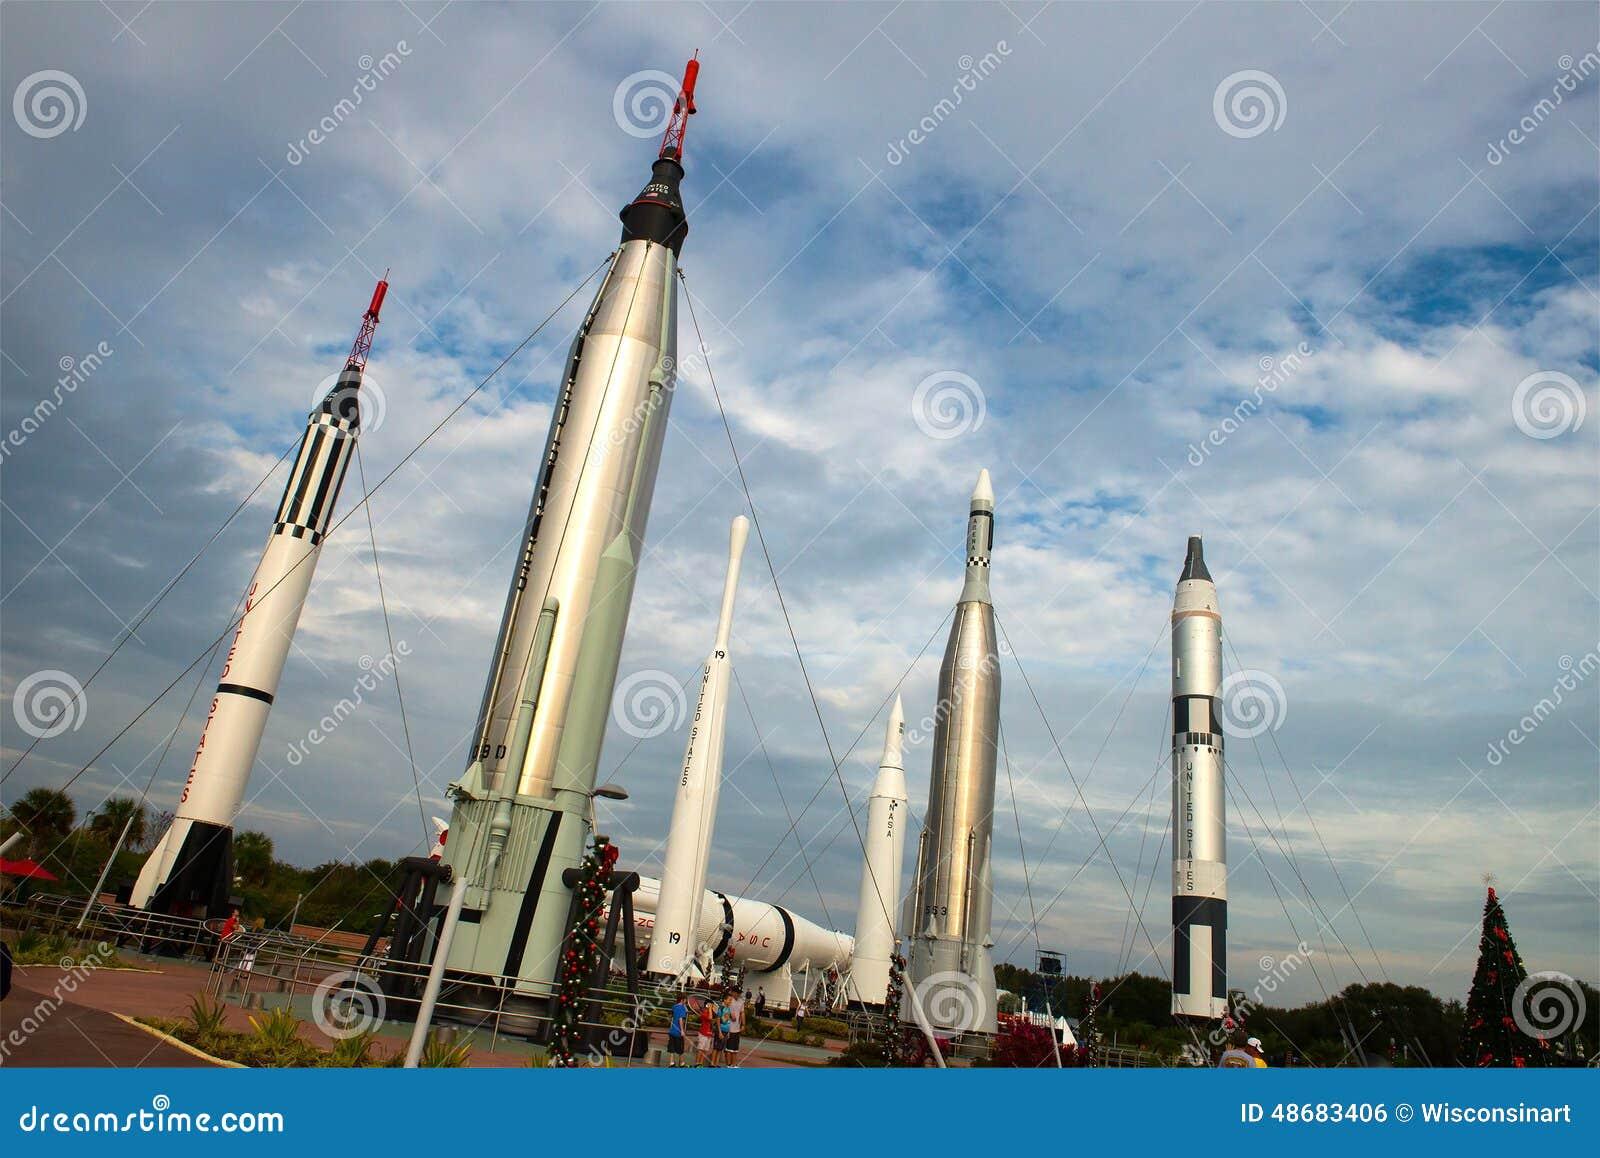 Rocket Garden, NASA Kennedy Space Center